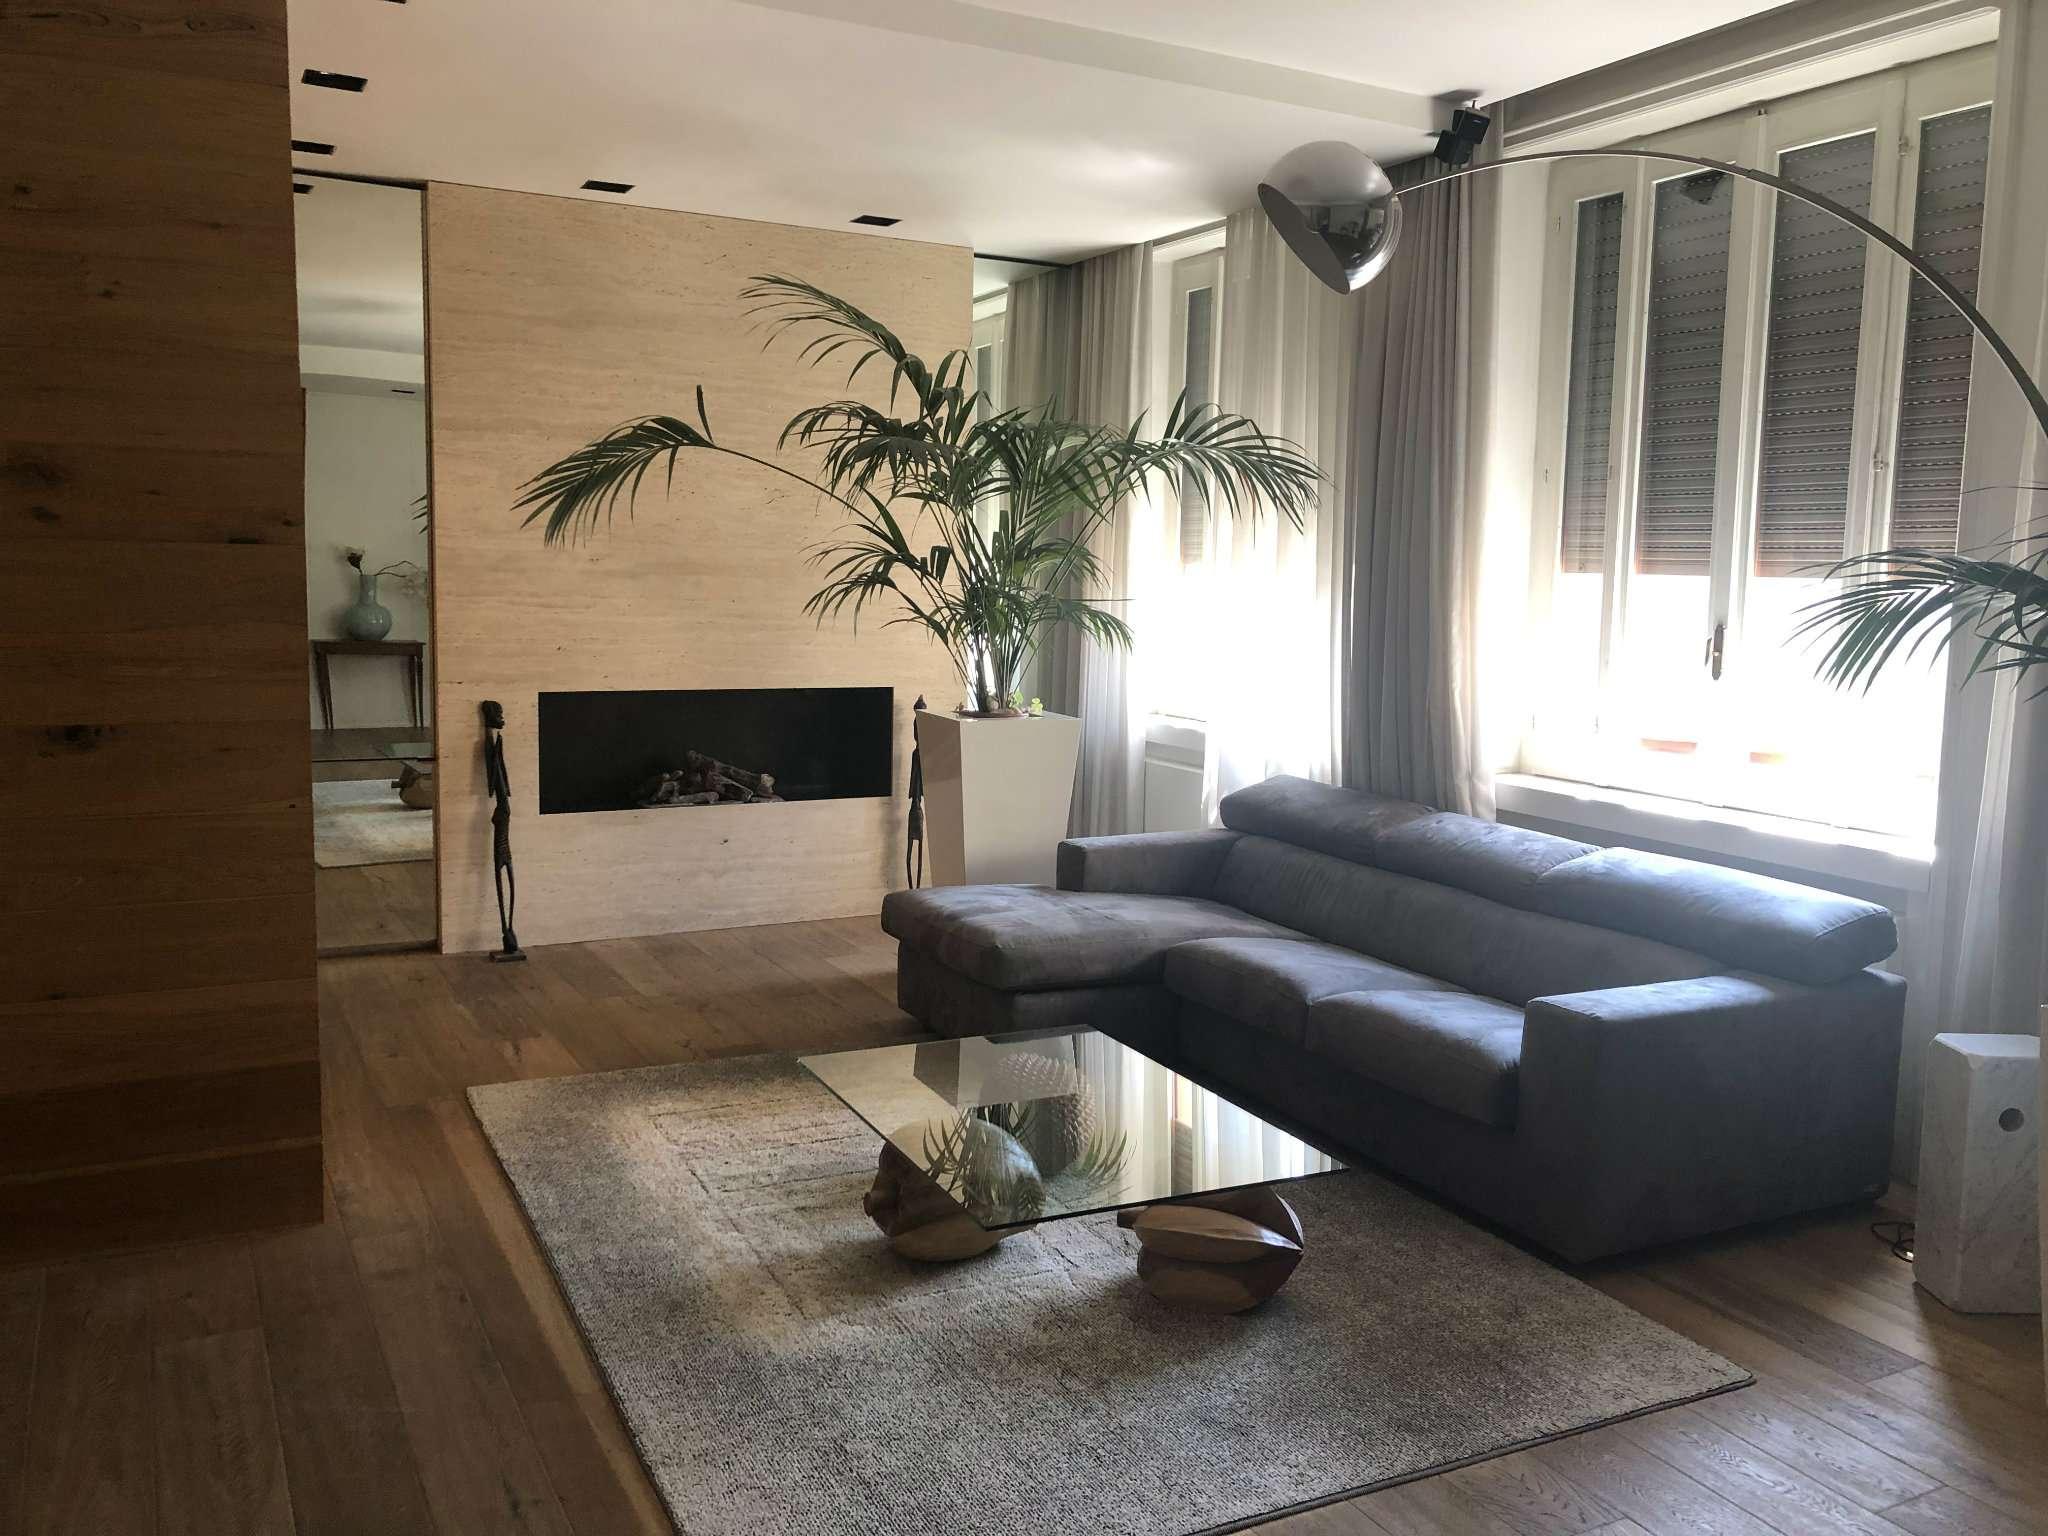 Appartamento in Affitto a Milano 29 Certosa / Bovisa / Dergano / Maciachini / Istria / Testi:  2 locali, 111 mq  - Foto 1